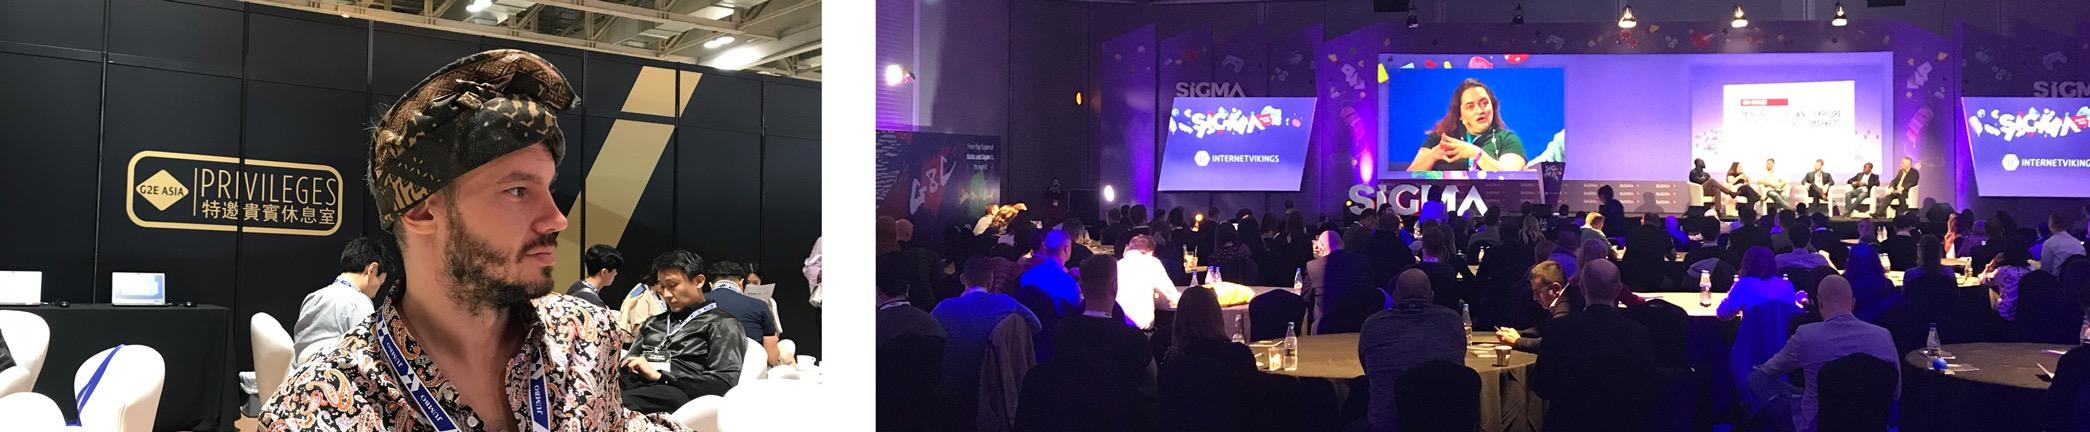 SmartCasinoGuide-Team bei den Online-Gaming-Konferenzen Sigma und G2E